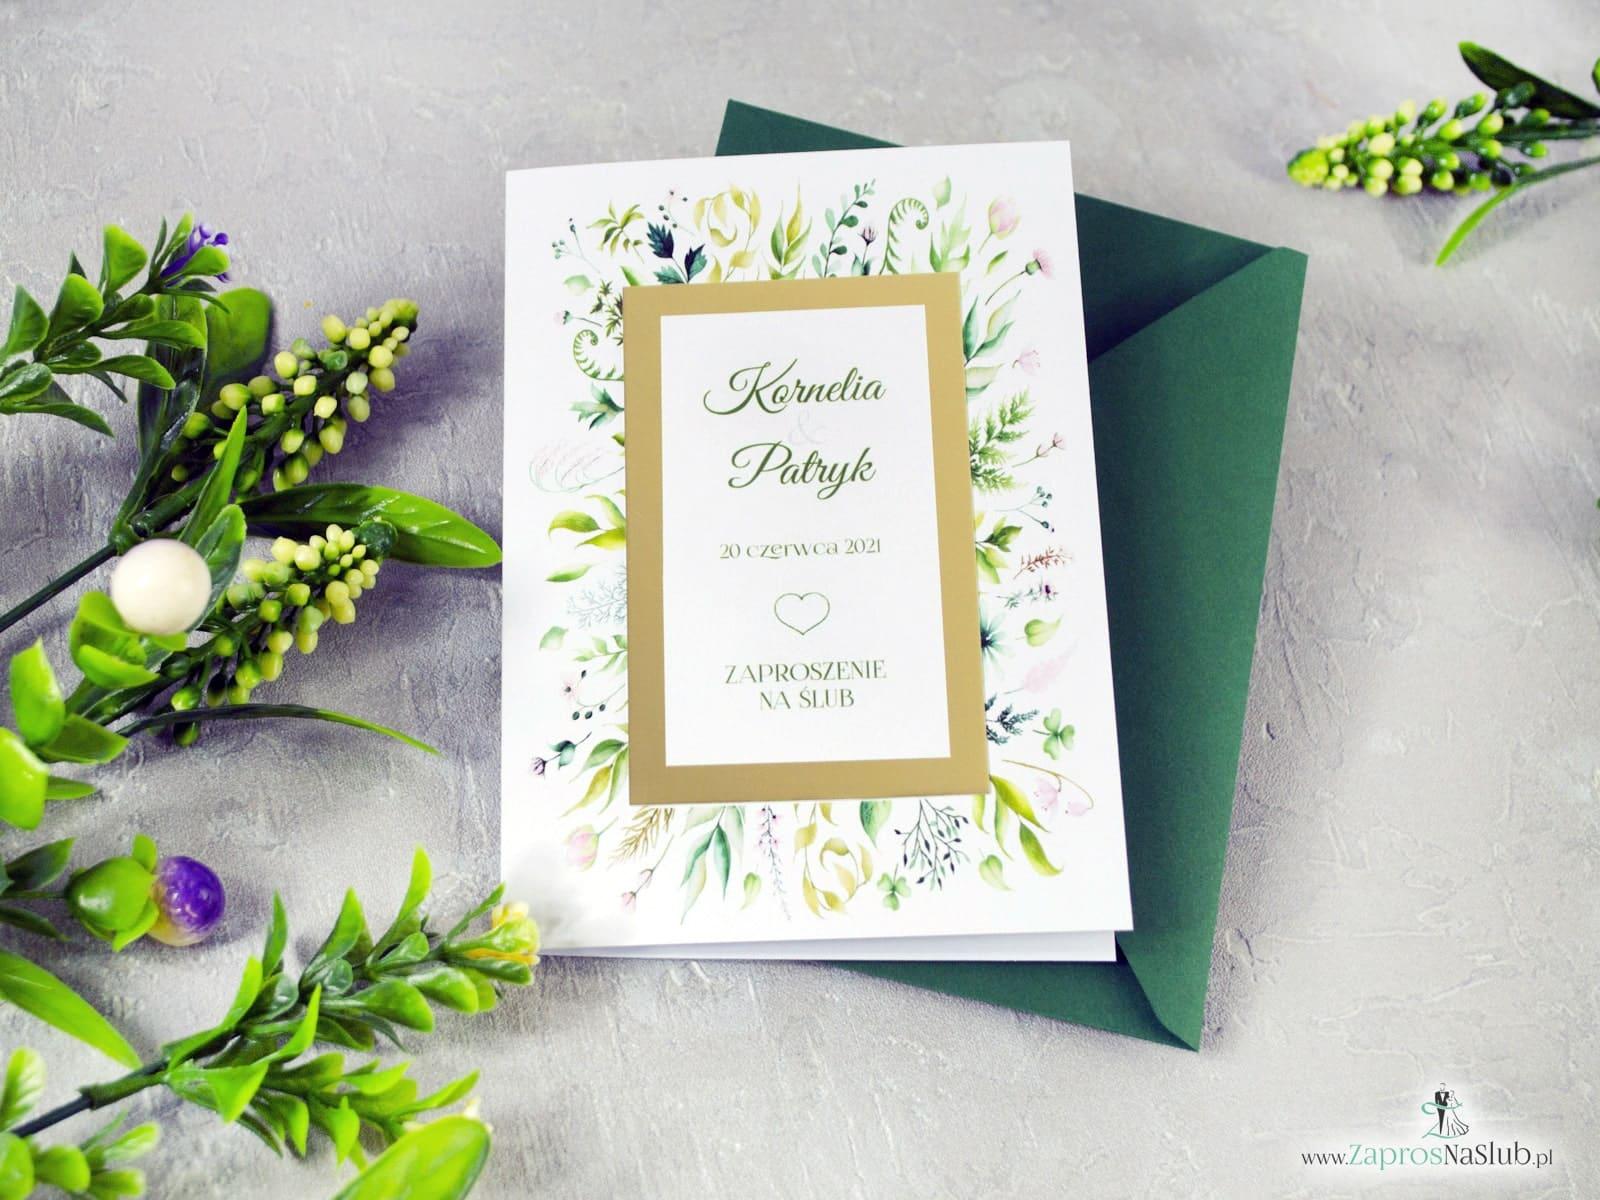 Zaproszenia ślubne można personalizować - ZaprosNaSlub - Zaproszenia Ślubne